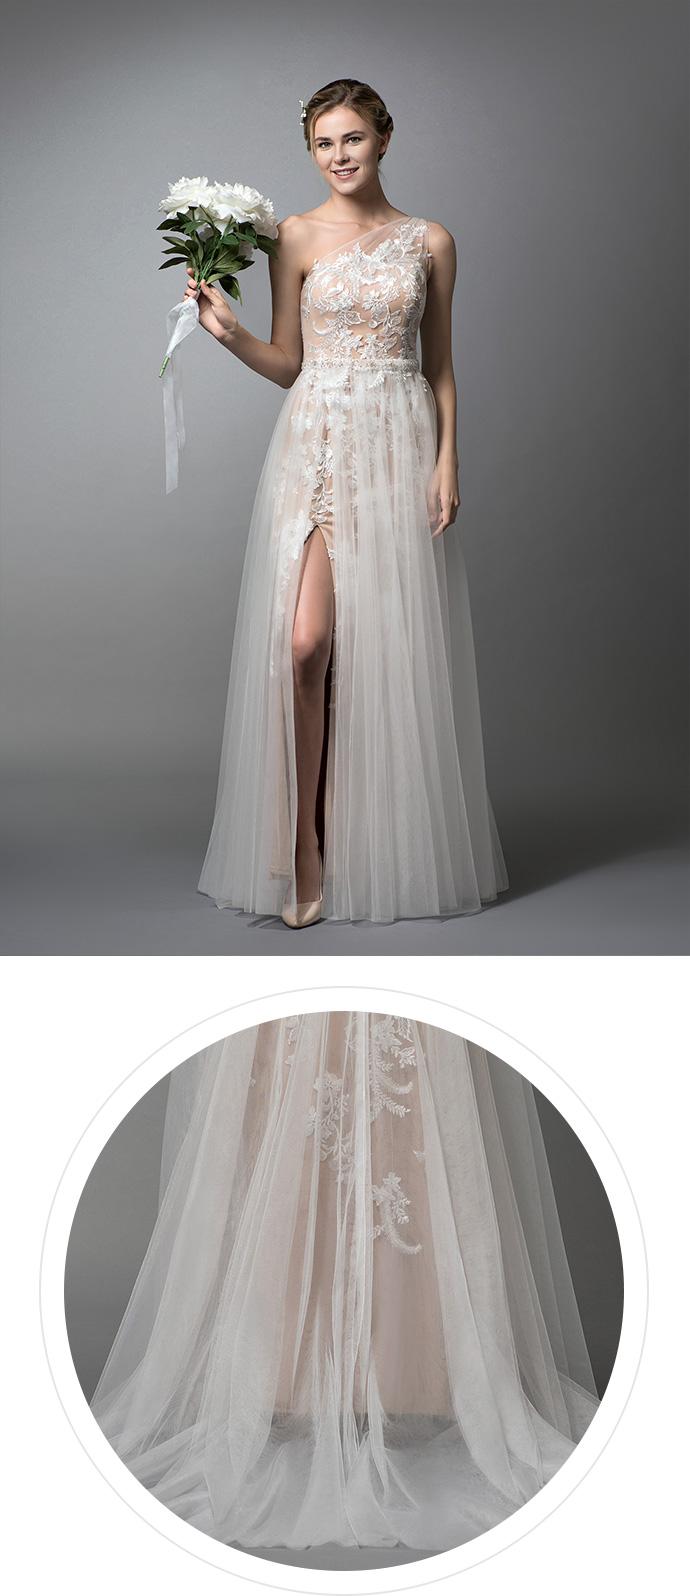 Flowy Fabric